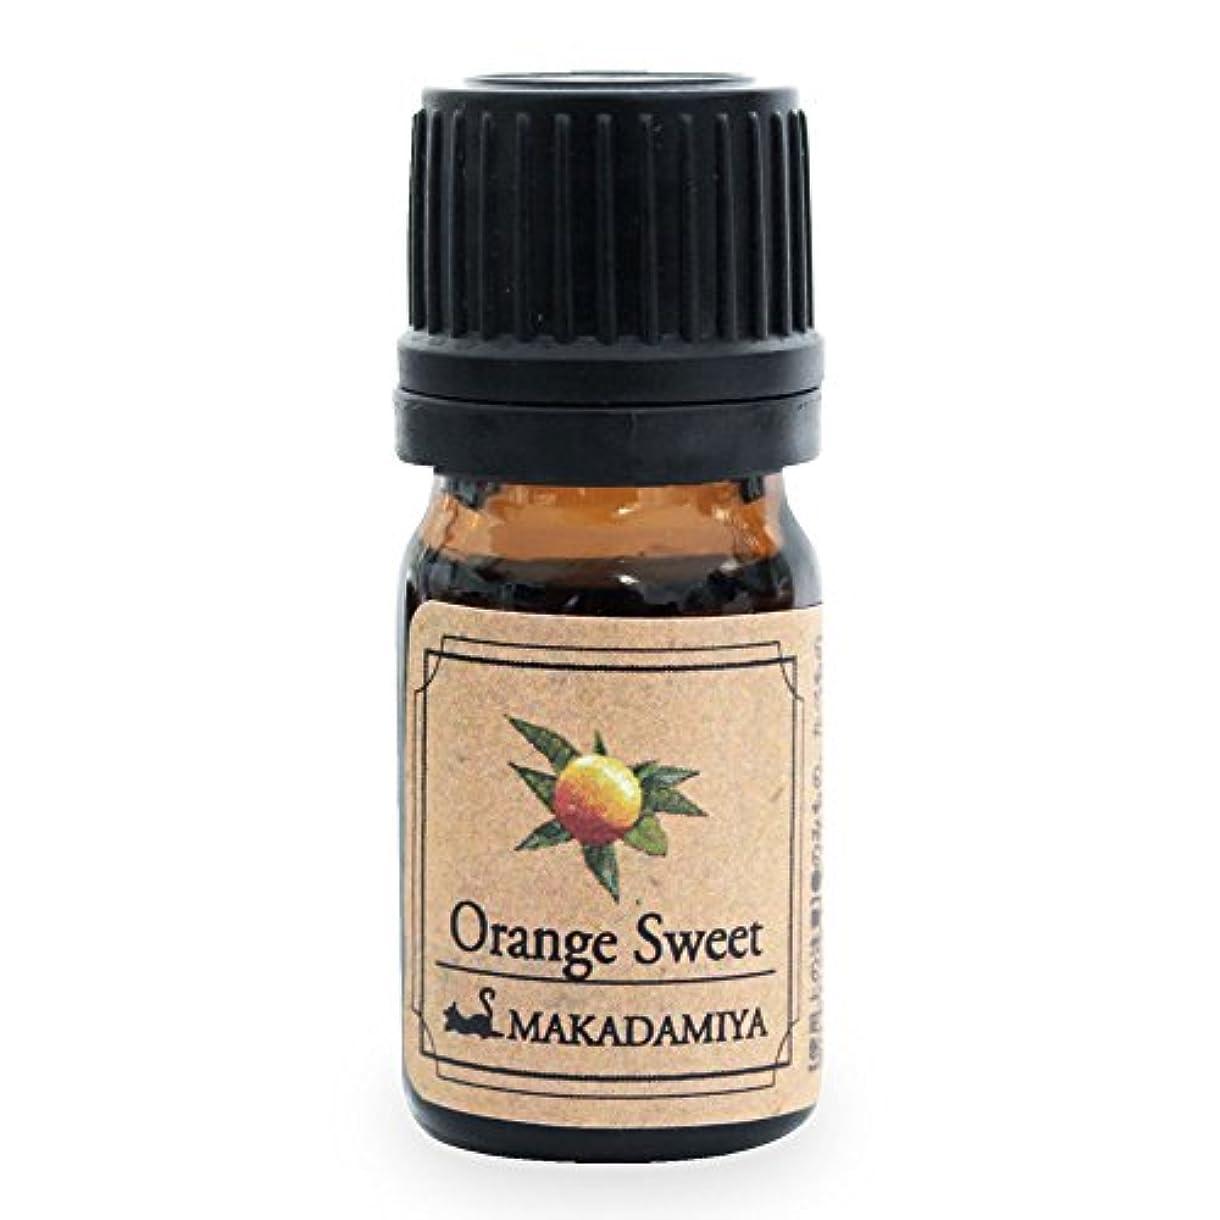 レコーダーパイント不十分なオレンジ?スイート5ml 天然100%植物性 エッセンシャルオイル(精油) アロマオイル アロママッサージ aroma Orange Sweet